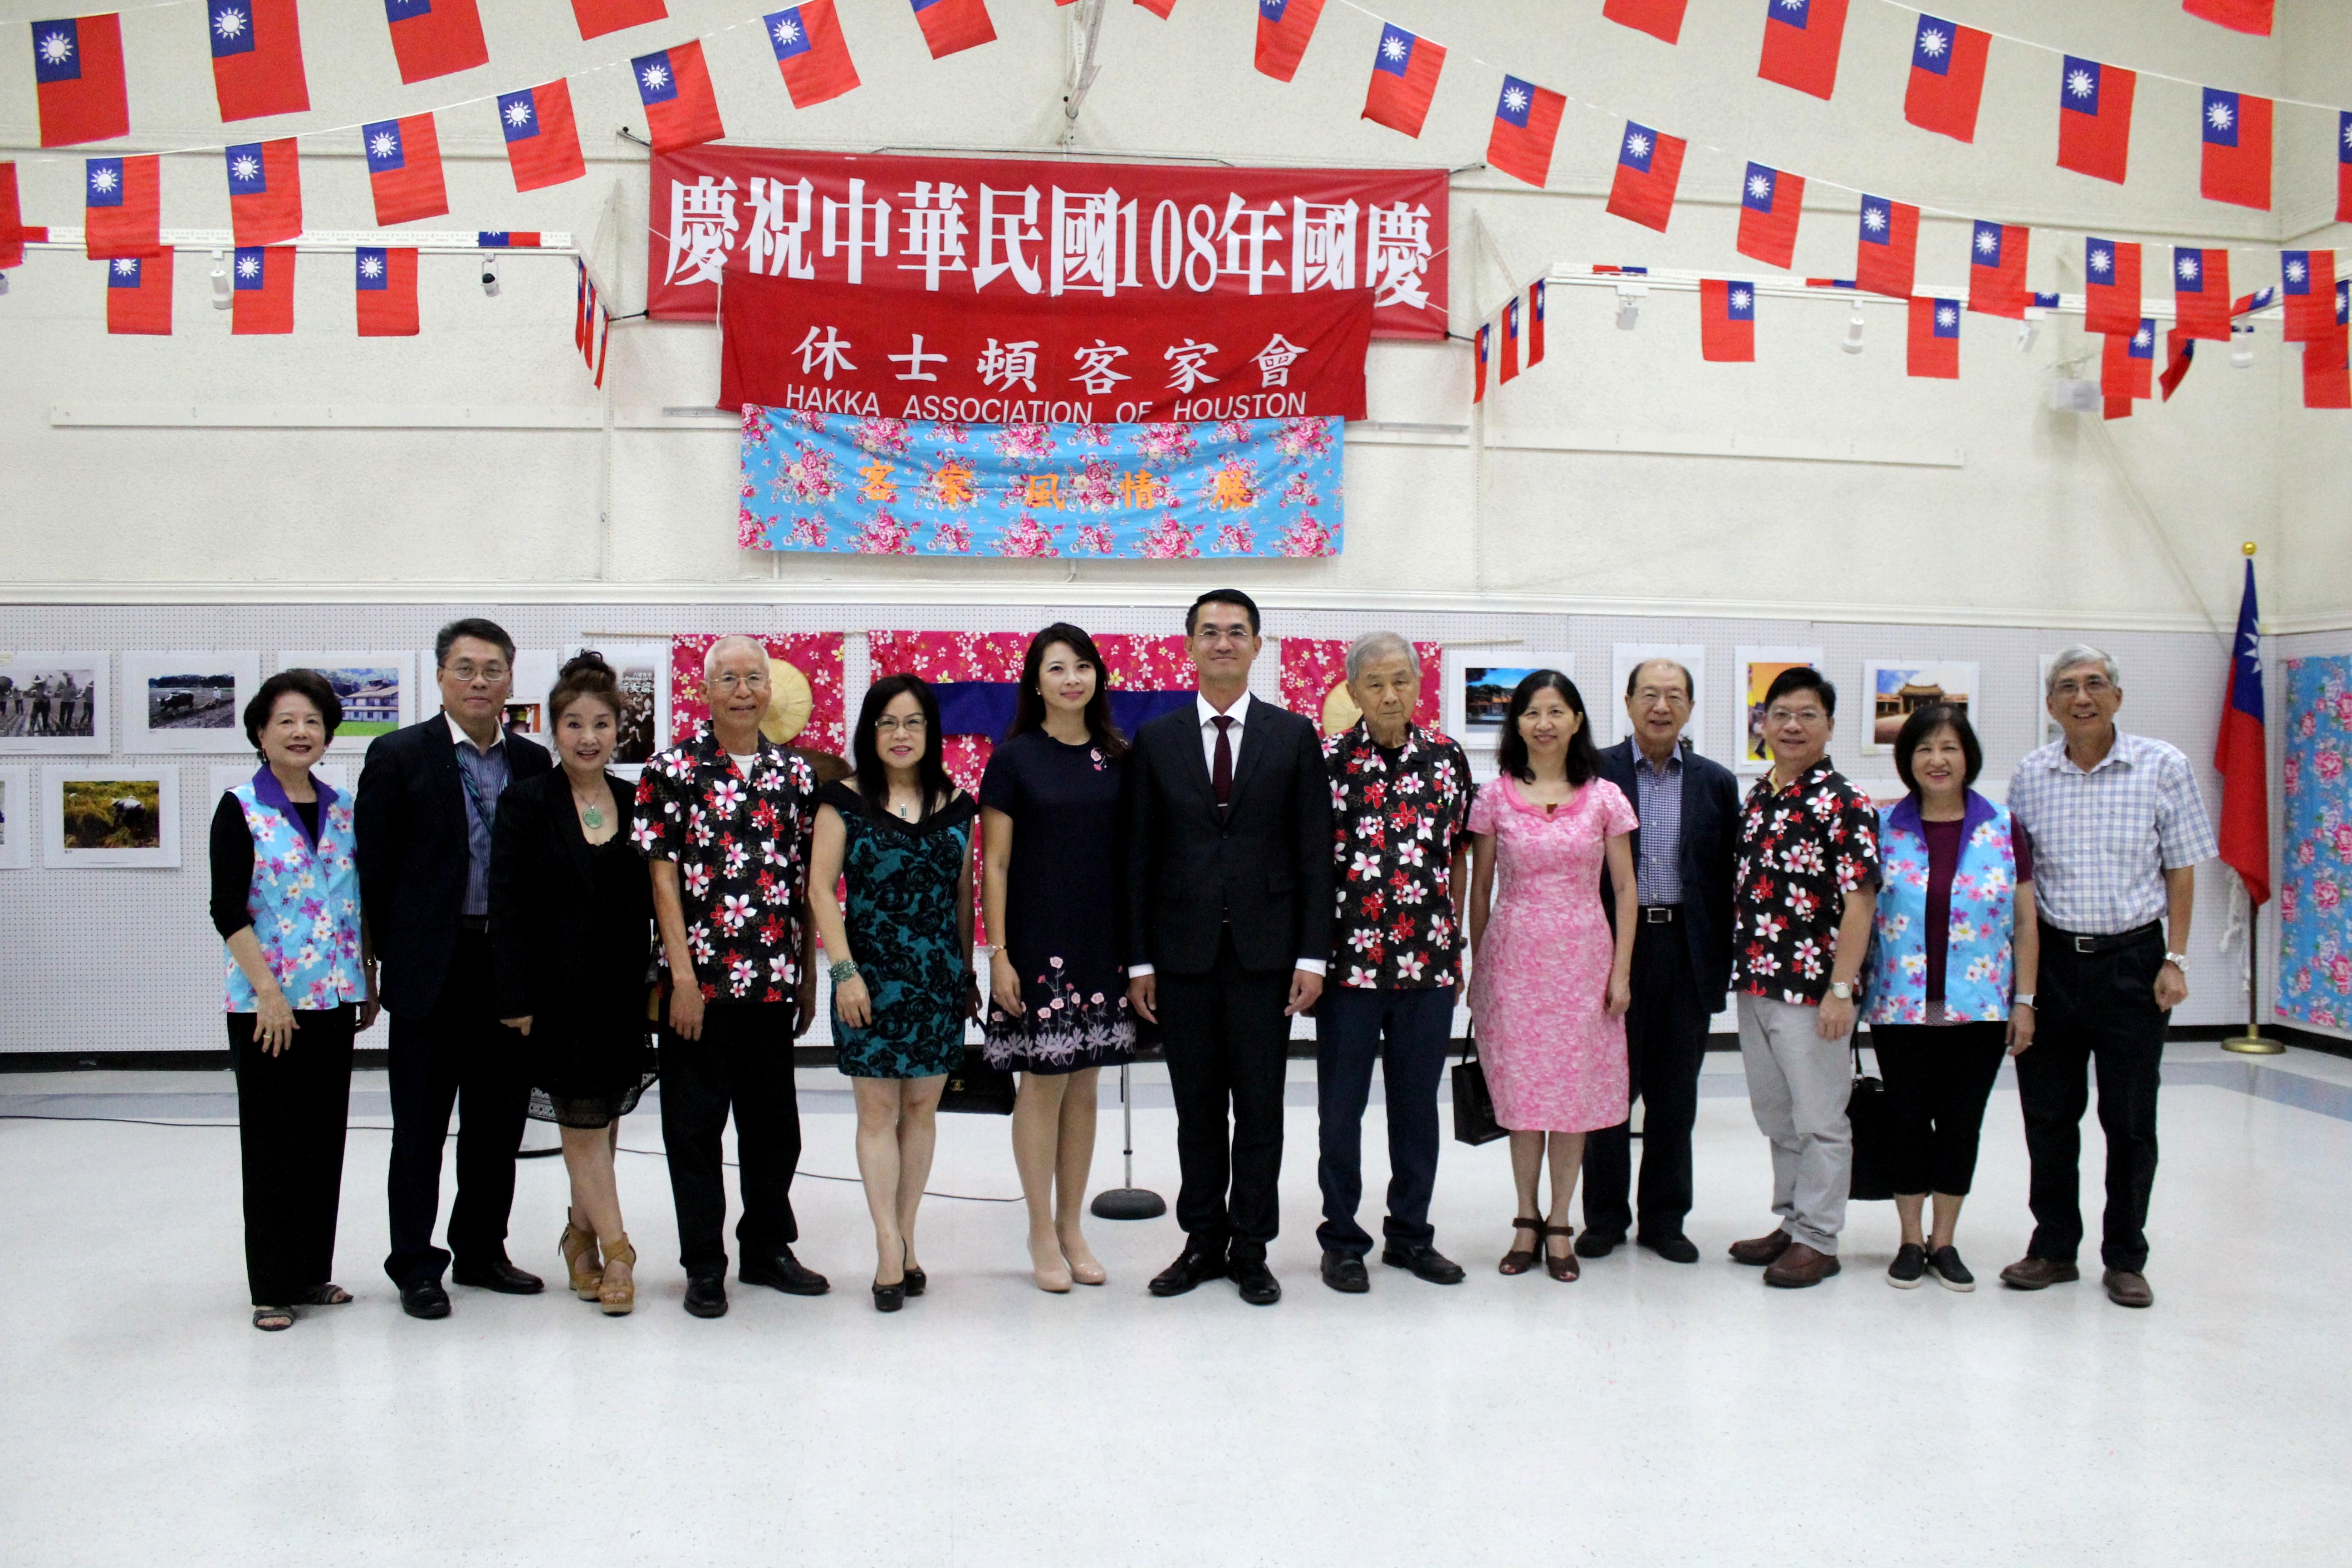 邱添昌(左四)、黃春蘭(左五)、陳家彥(右六)、陳奕芳(右)與嘉賓們「客家風情展」開幕儀式中合影。(記者盧淑君/攝影)